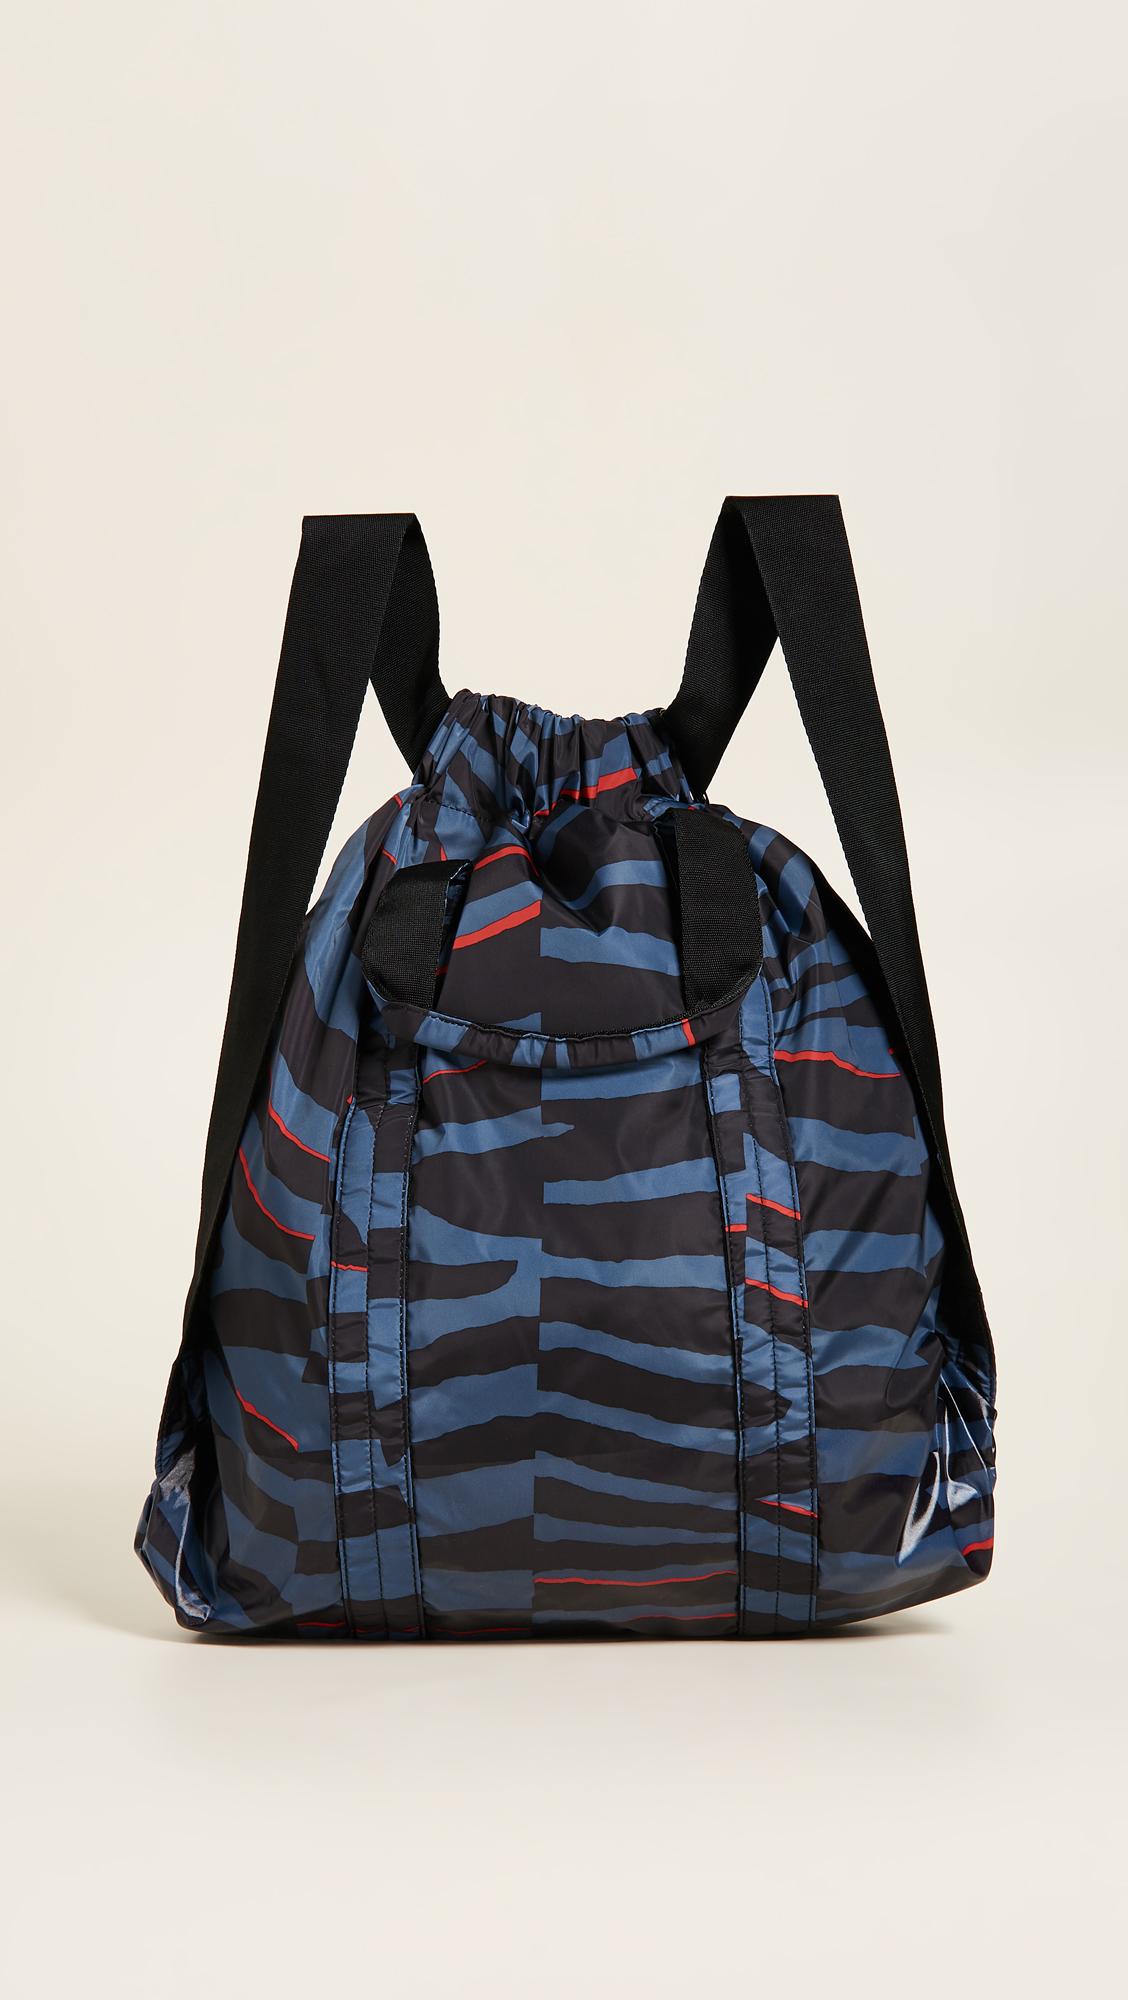 adidas by Stella McCartney Gym Sack Backpack   SHOPBOP ddffb6e2d1